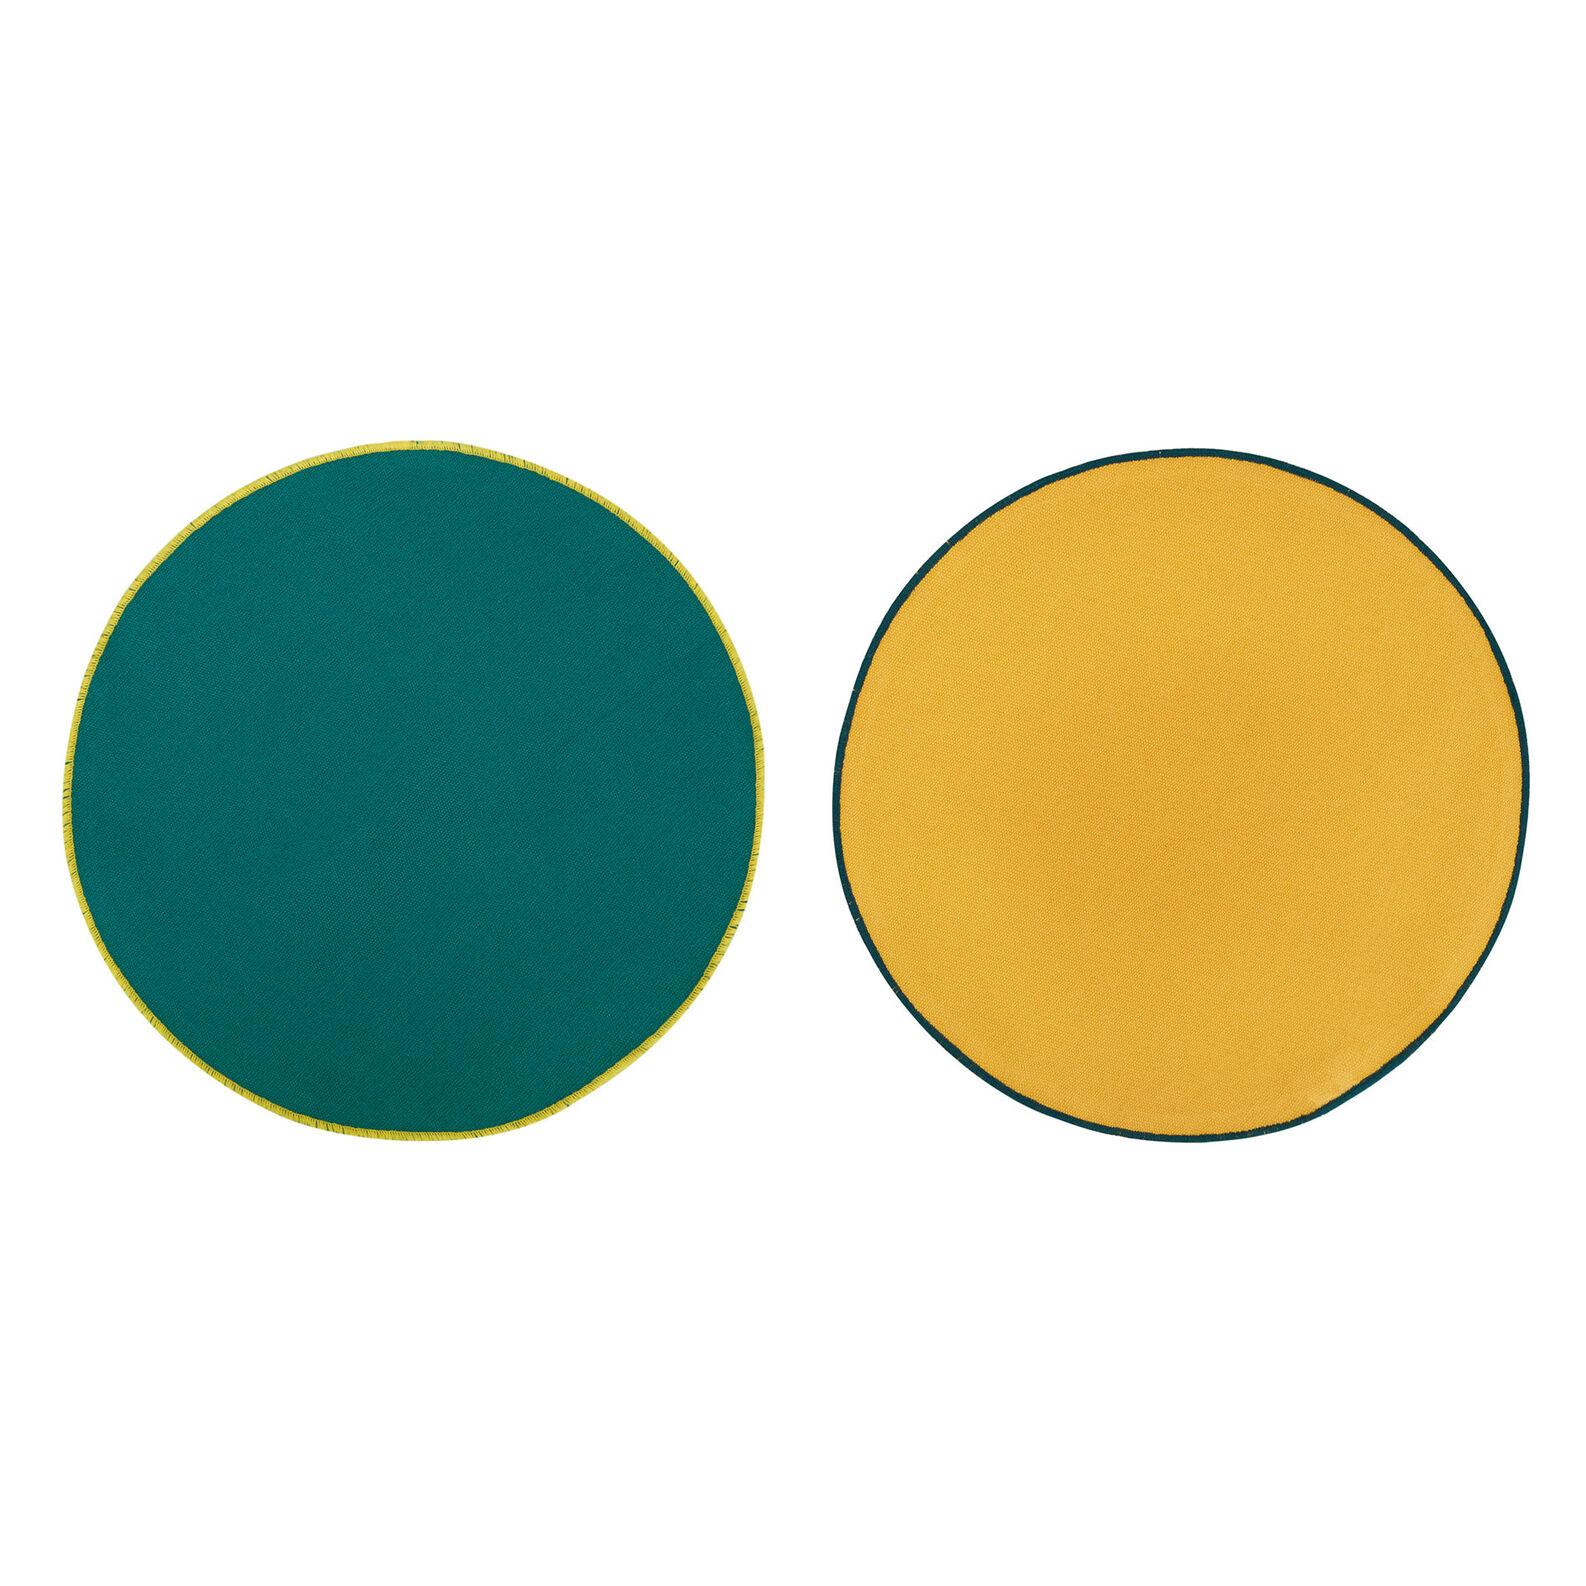 Set of 2 plain color placemats in 100% cotton